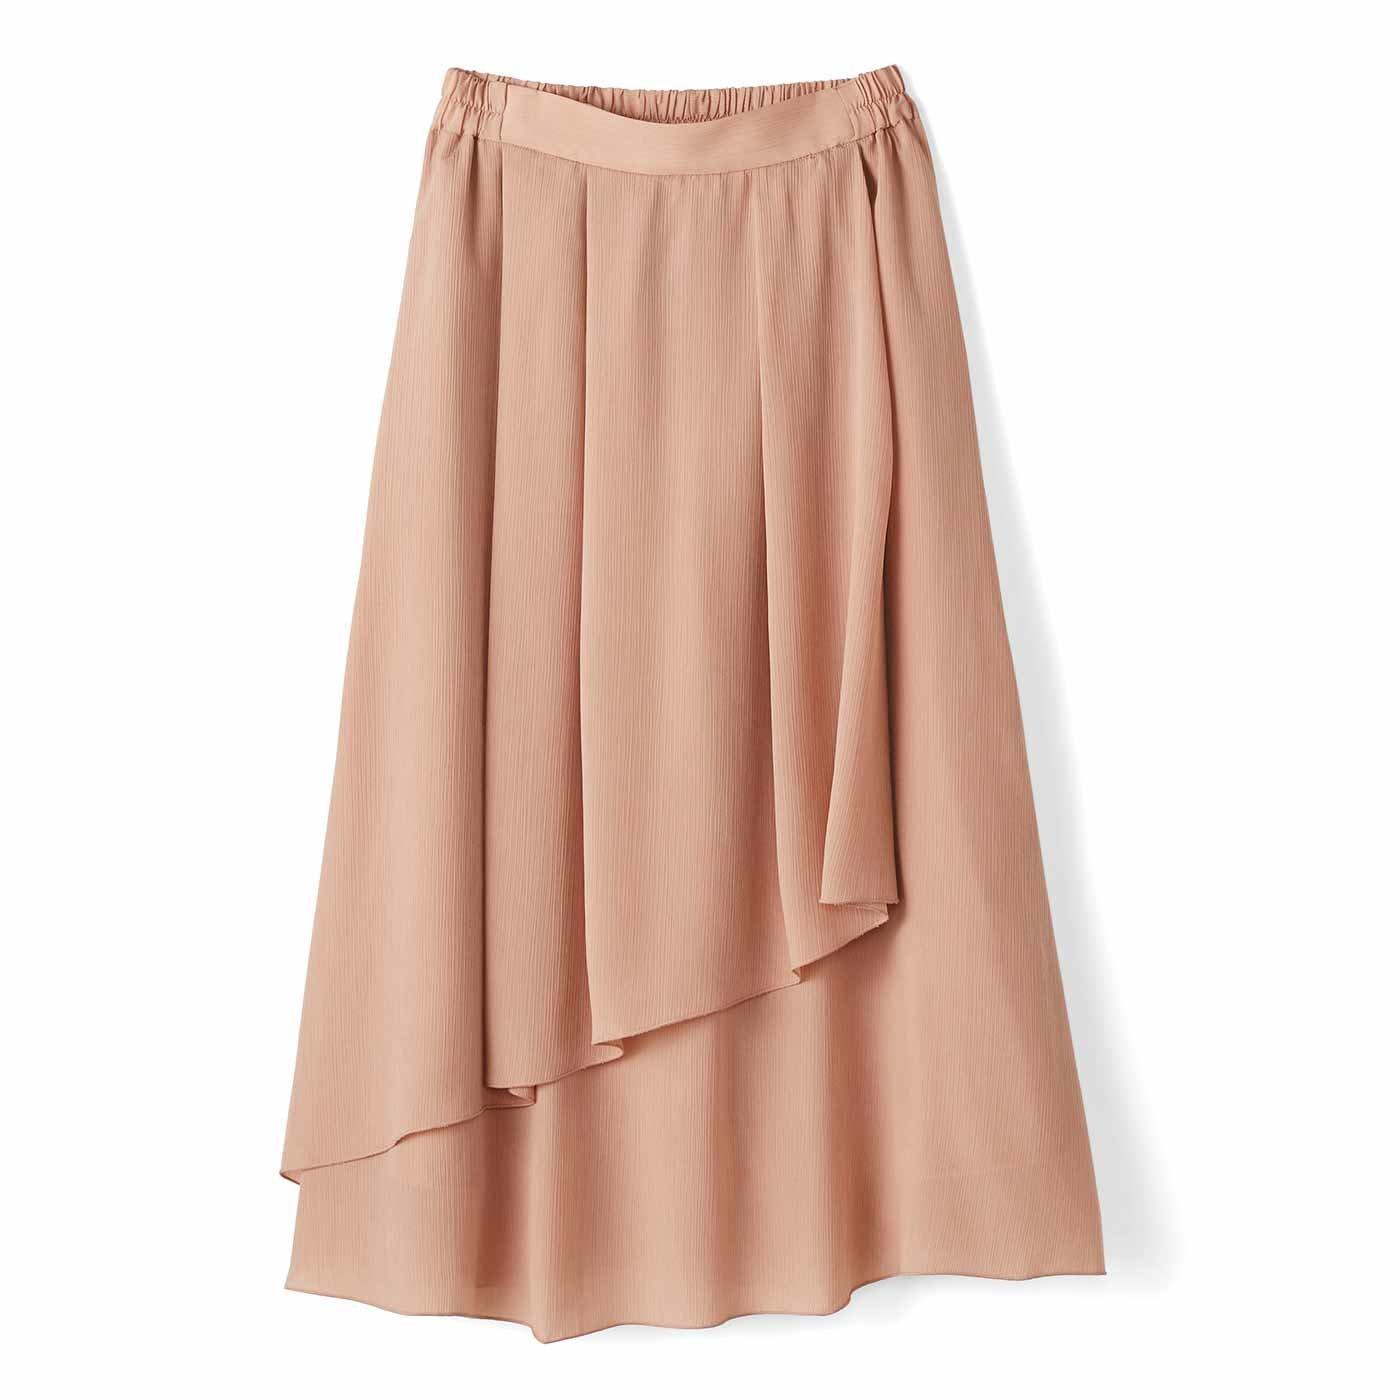 【3~10日でお届け】IEDIT[イディット] 動くたびゆらめく 花びらみたいなラップ風スカート〈ライトピンク〉